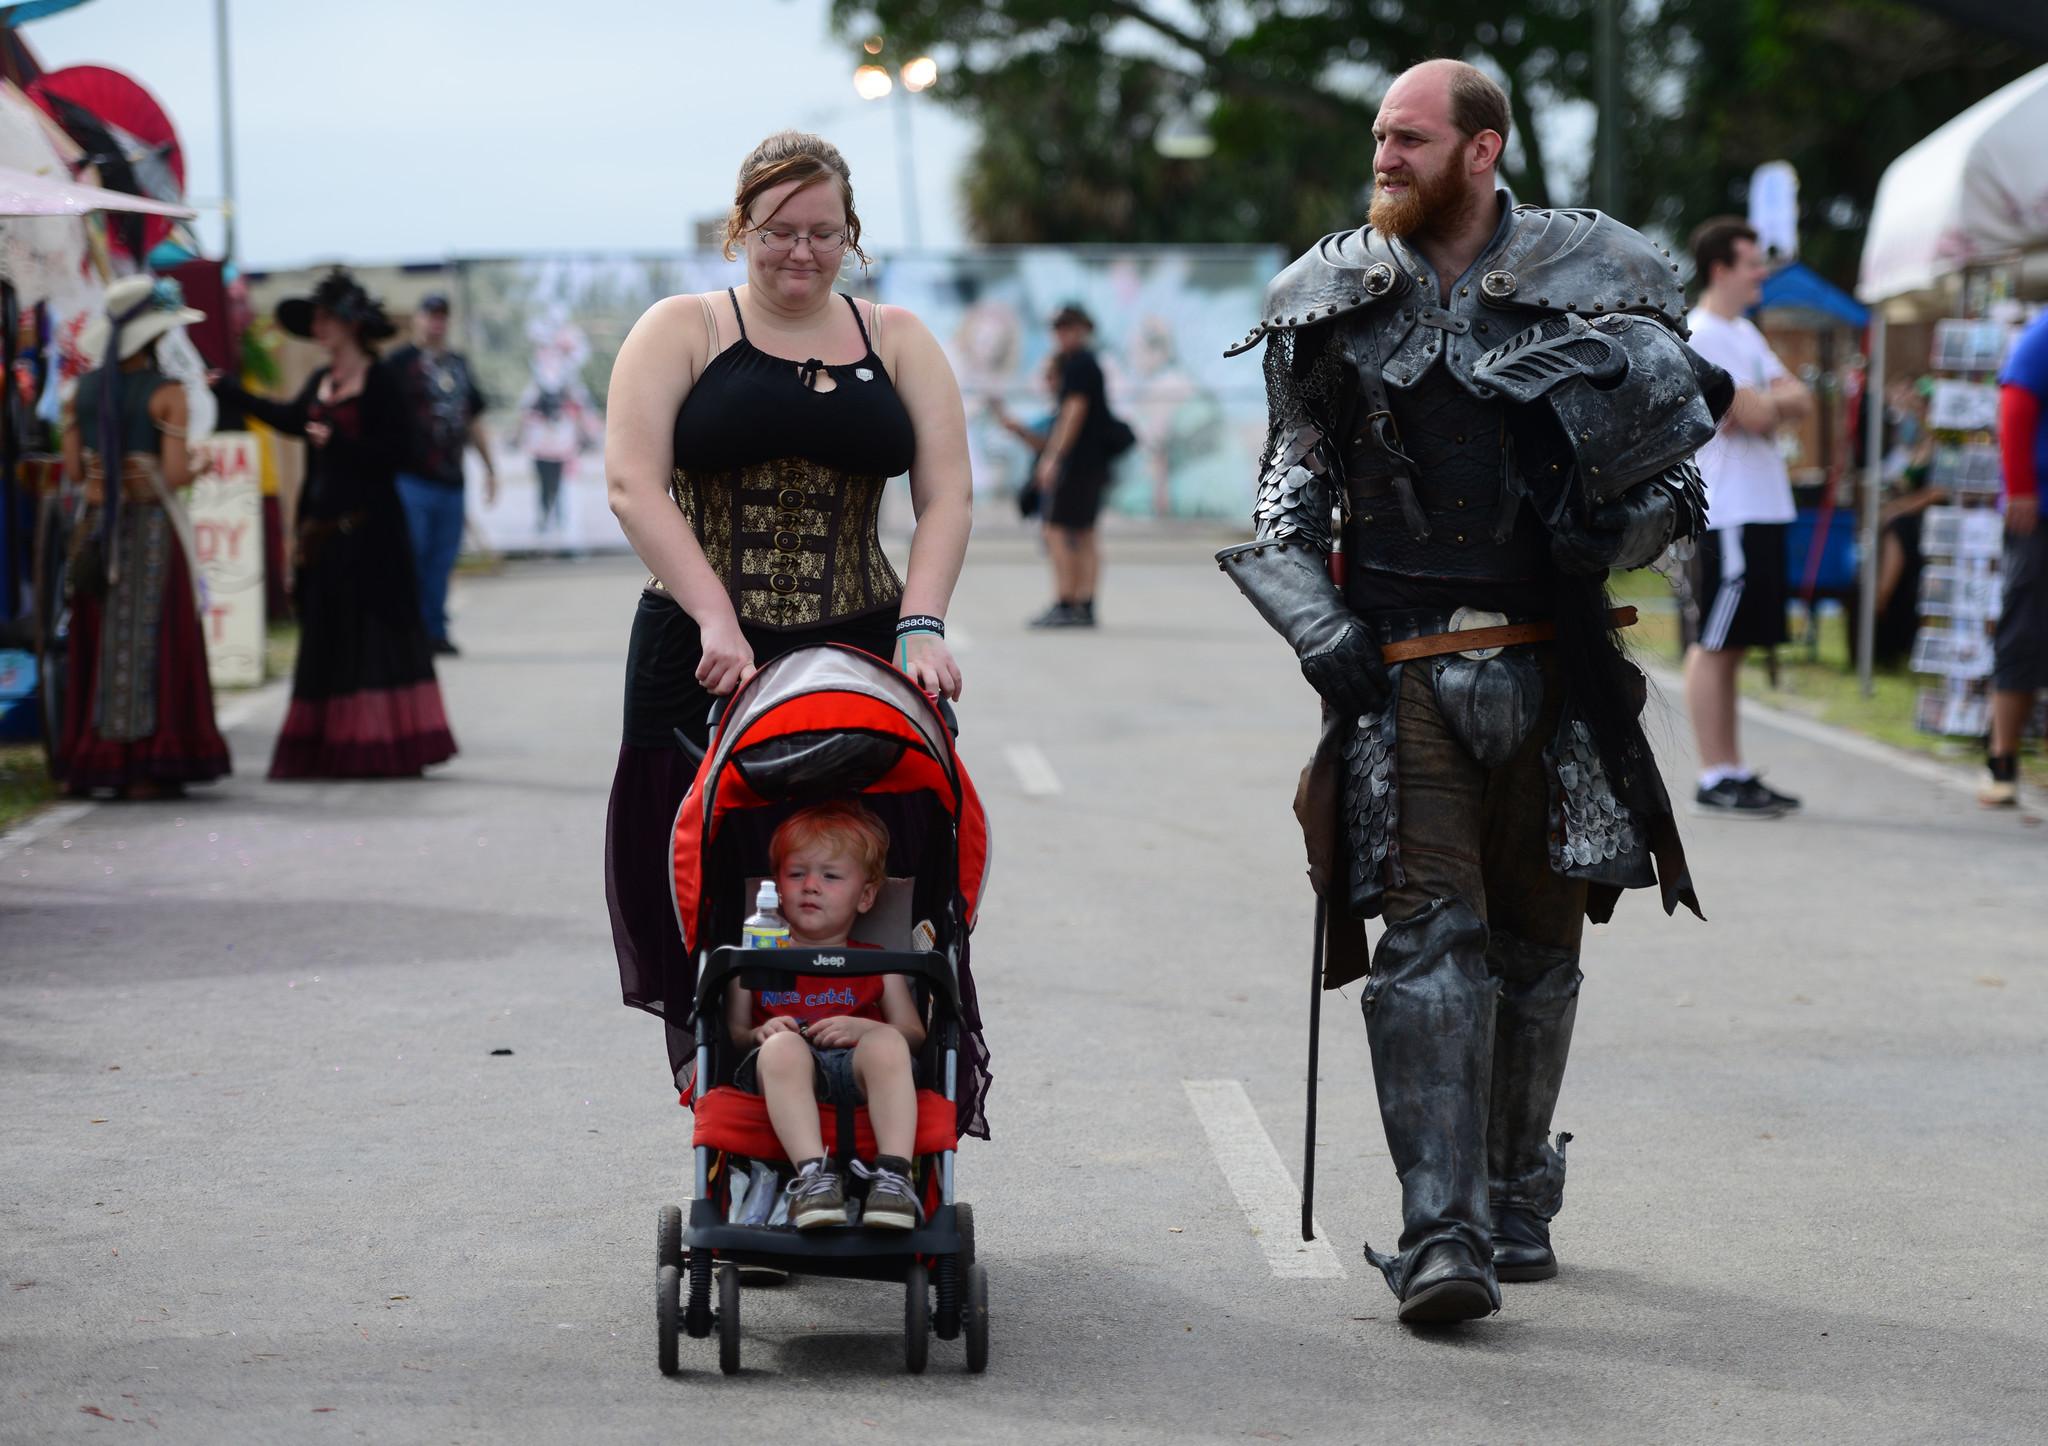 Renaissance Festival photos - Stroller